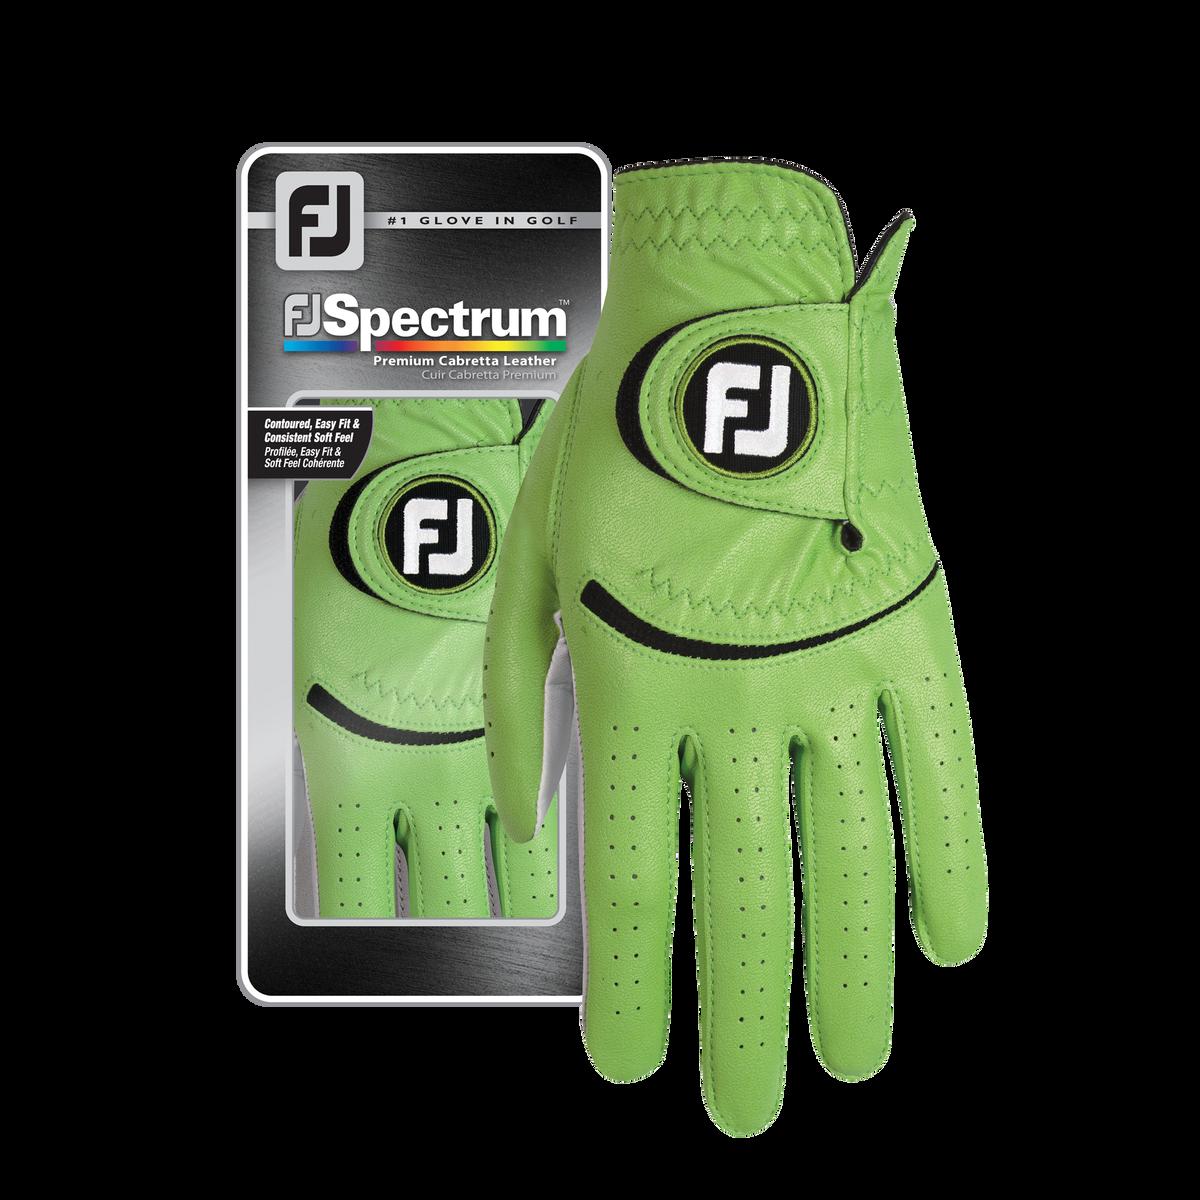 FJ Spectrum